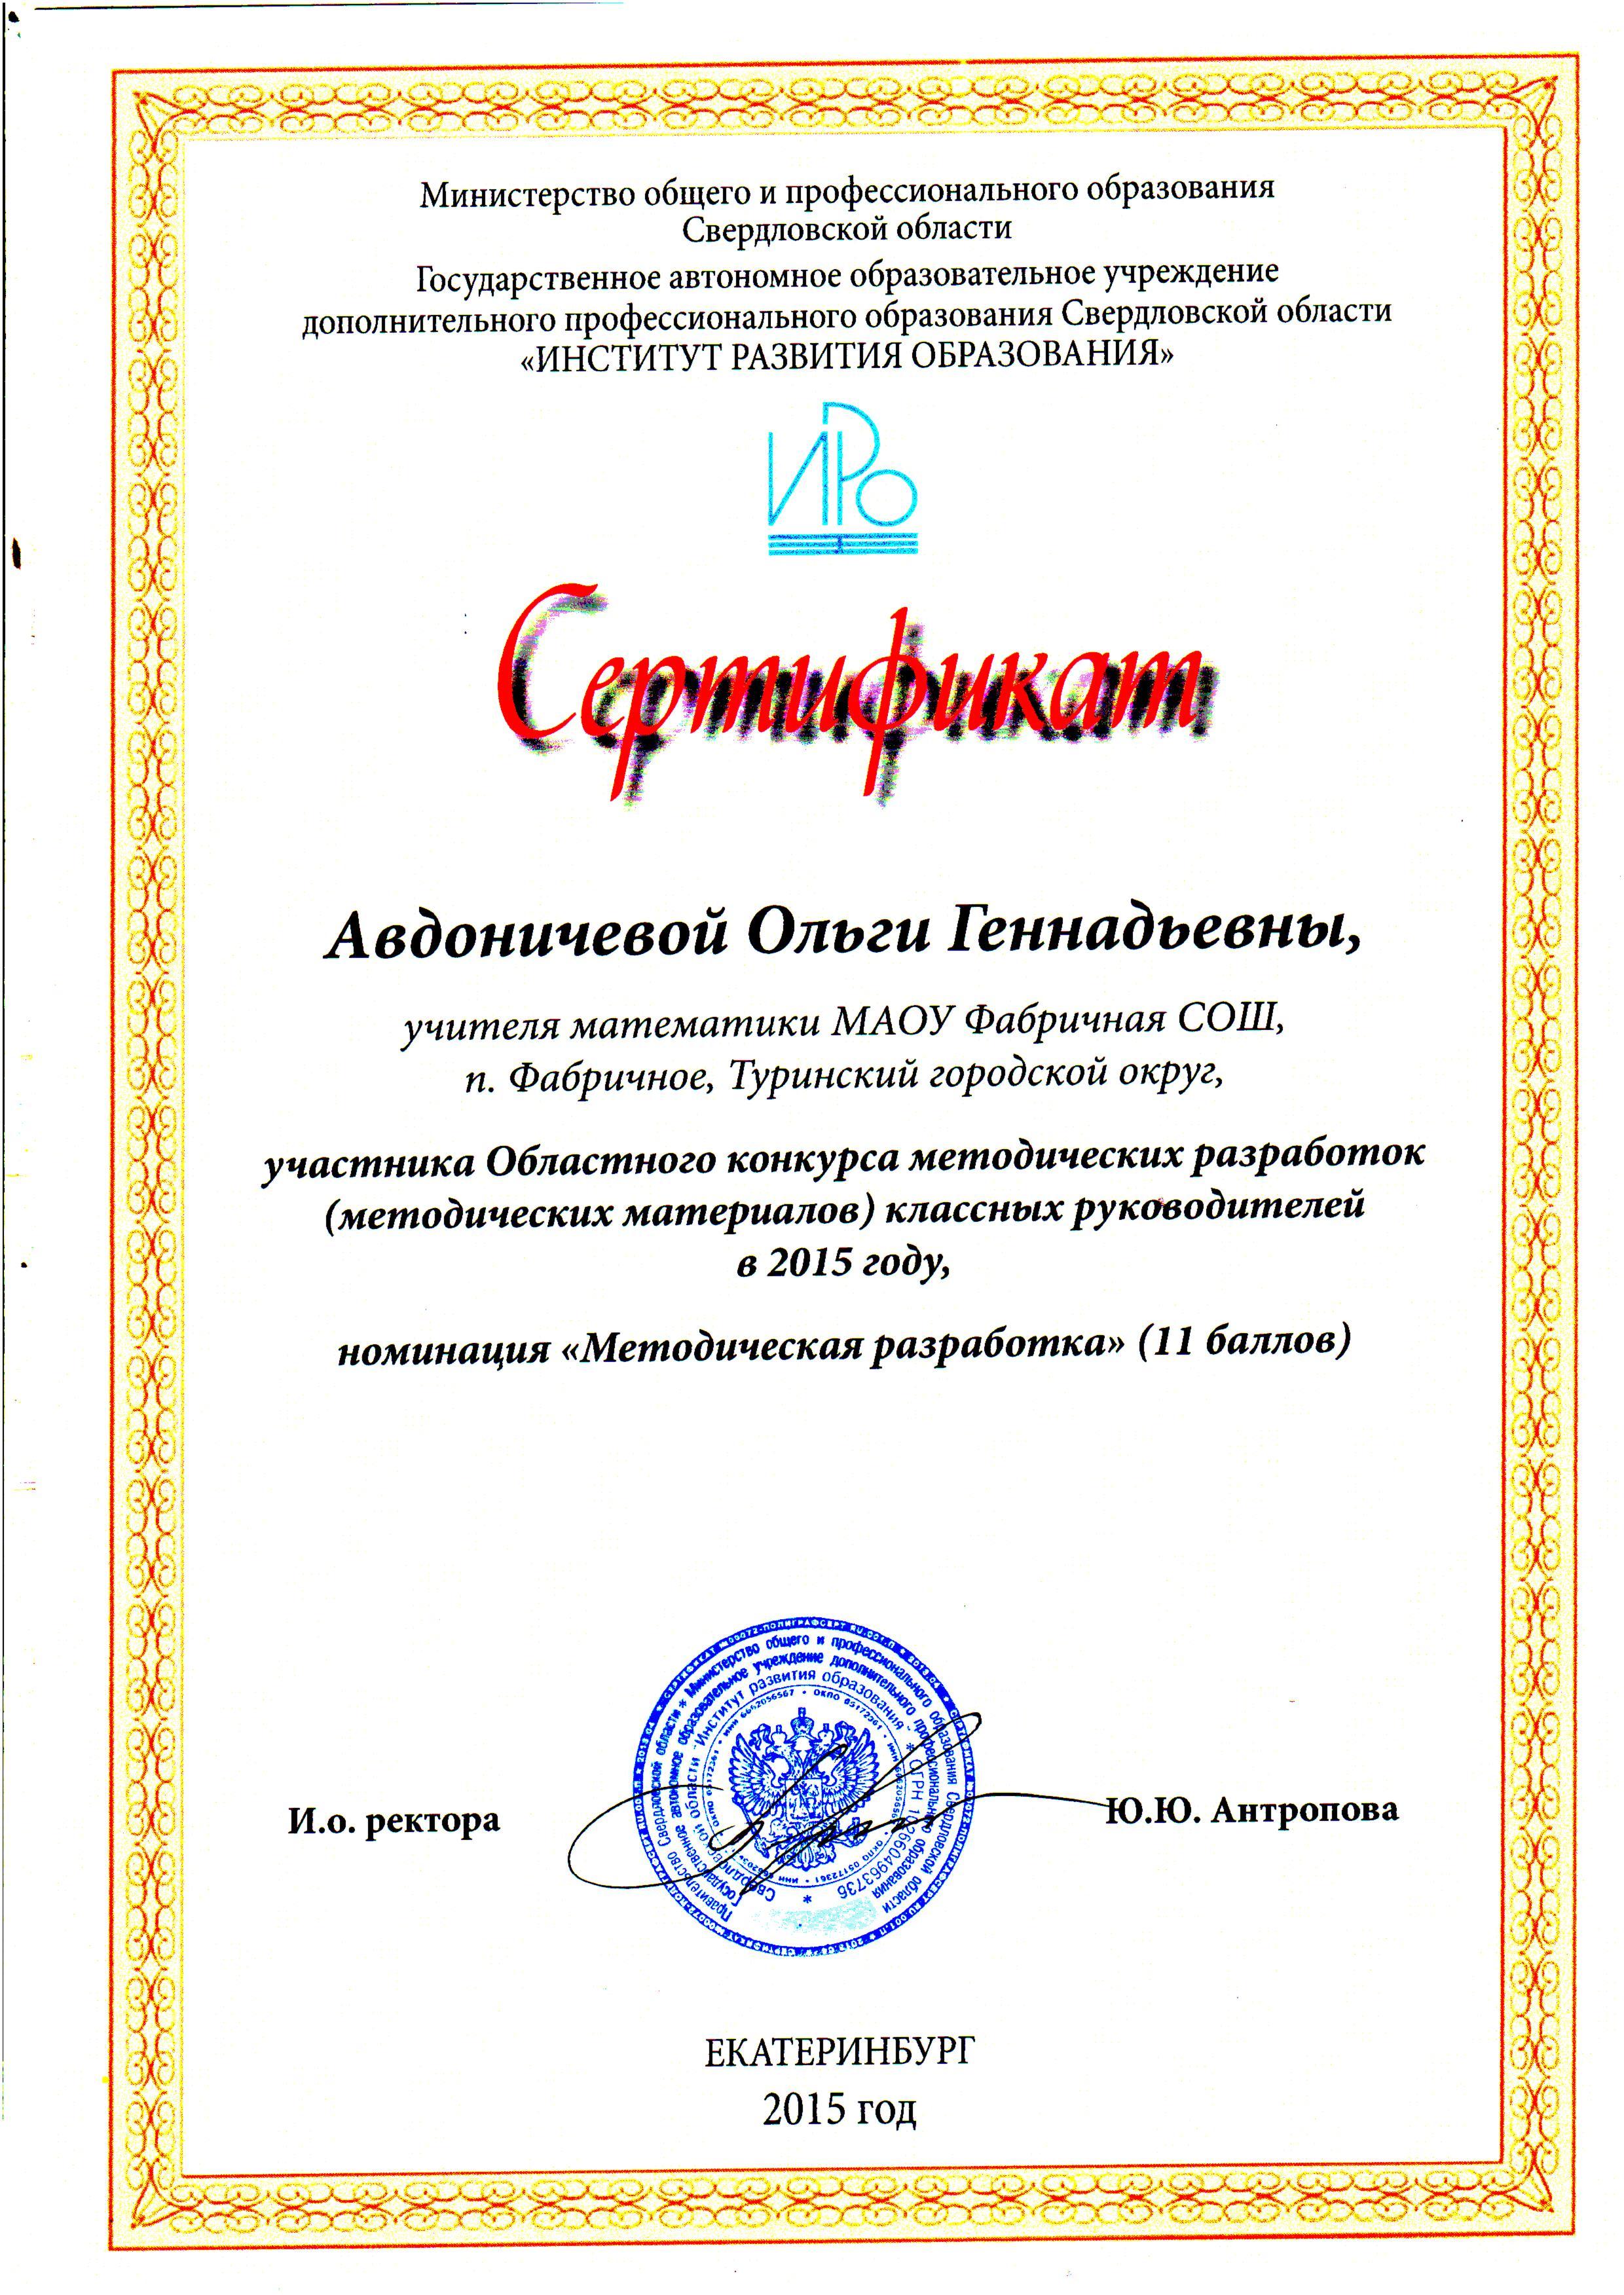 Сертификат Авдоничевой О.Г.